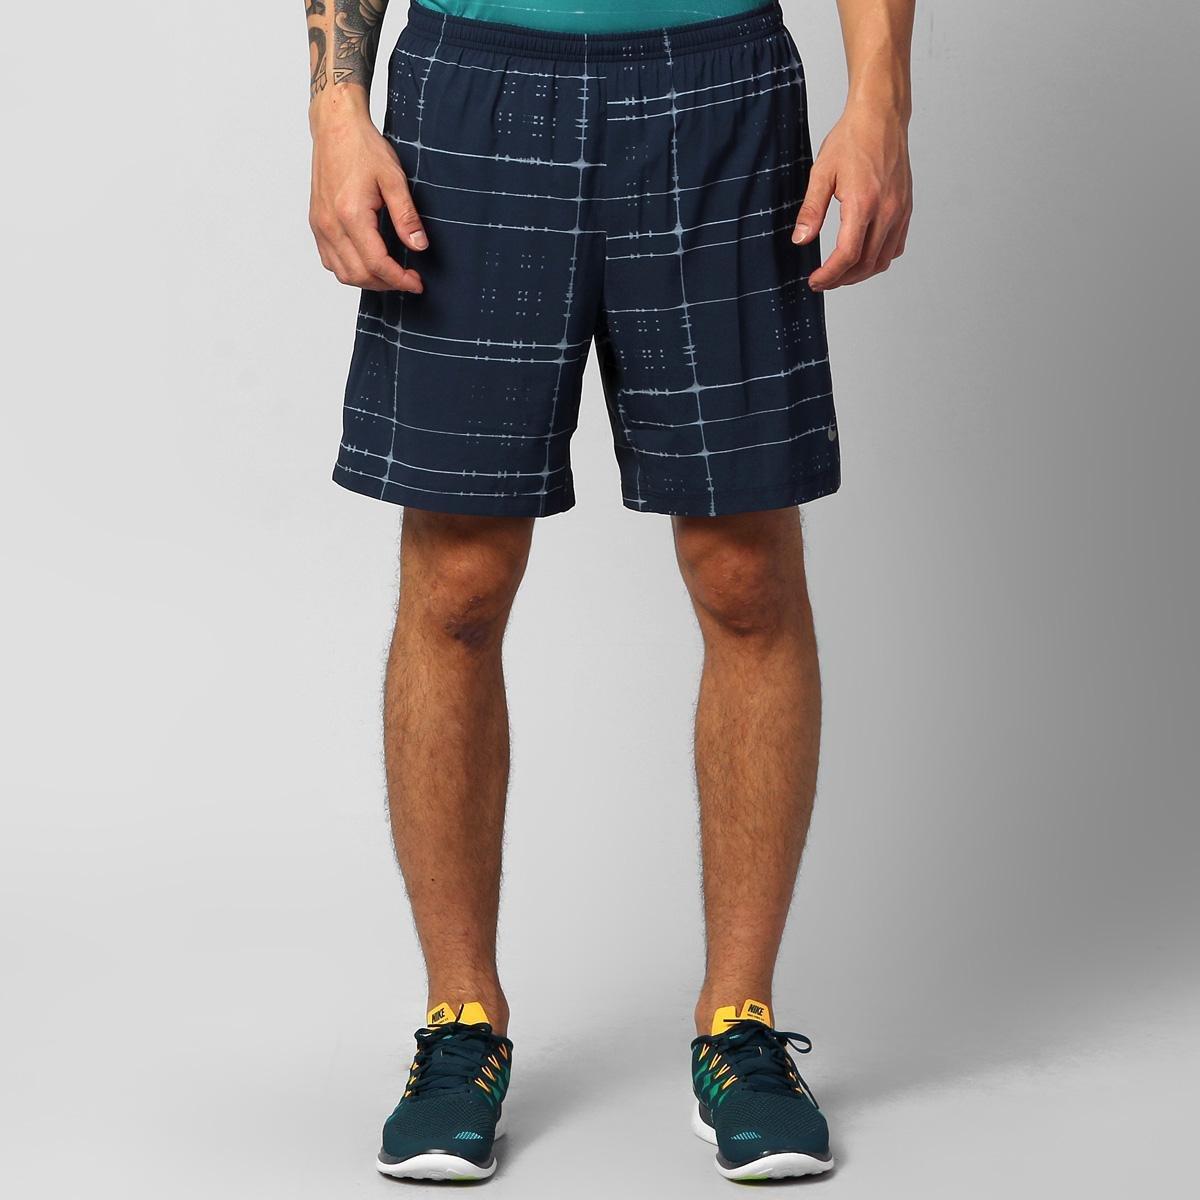 77ae851f6 Short Nike Printed Pursuit 2 em 1 7 pol. - Compre Agora